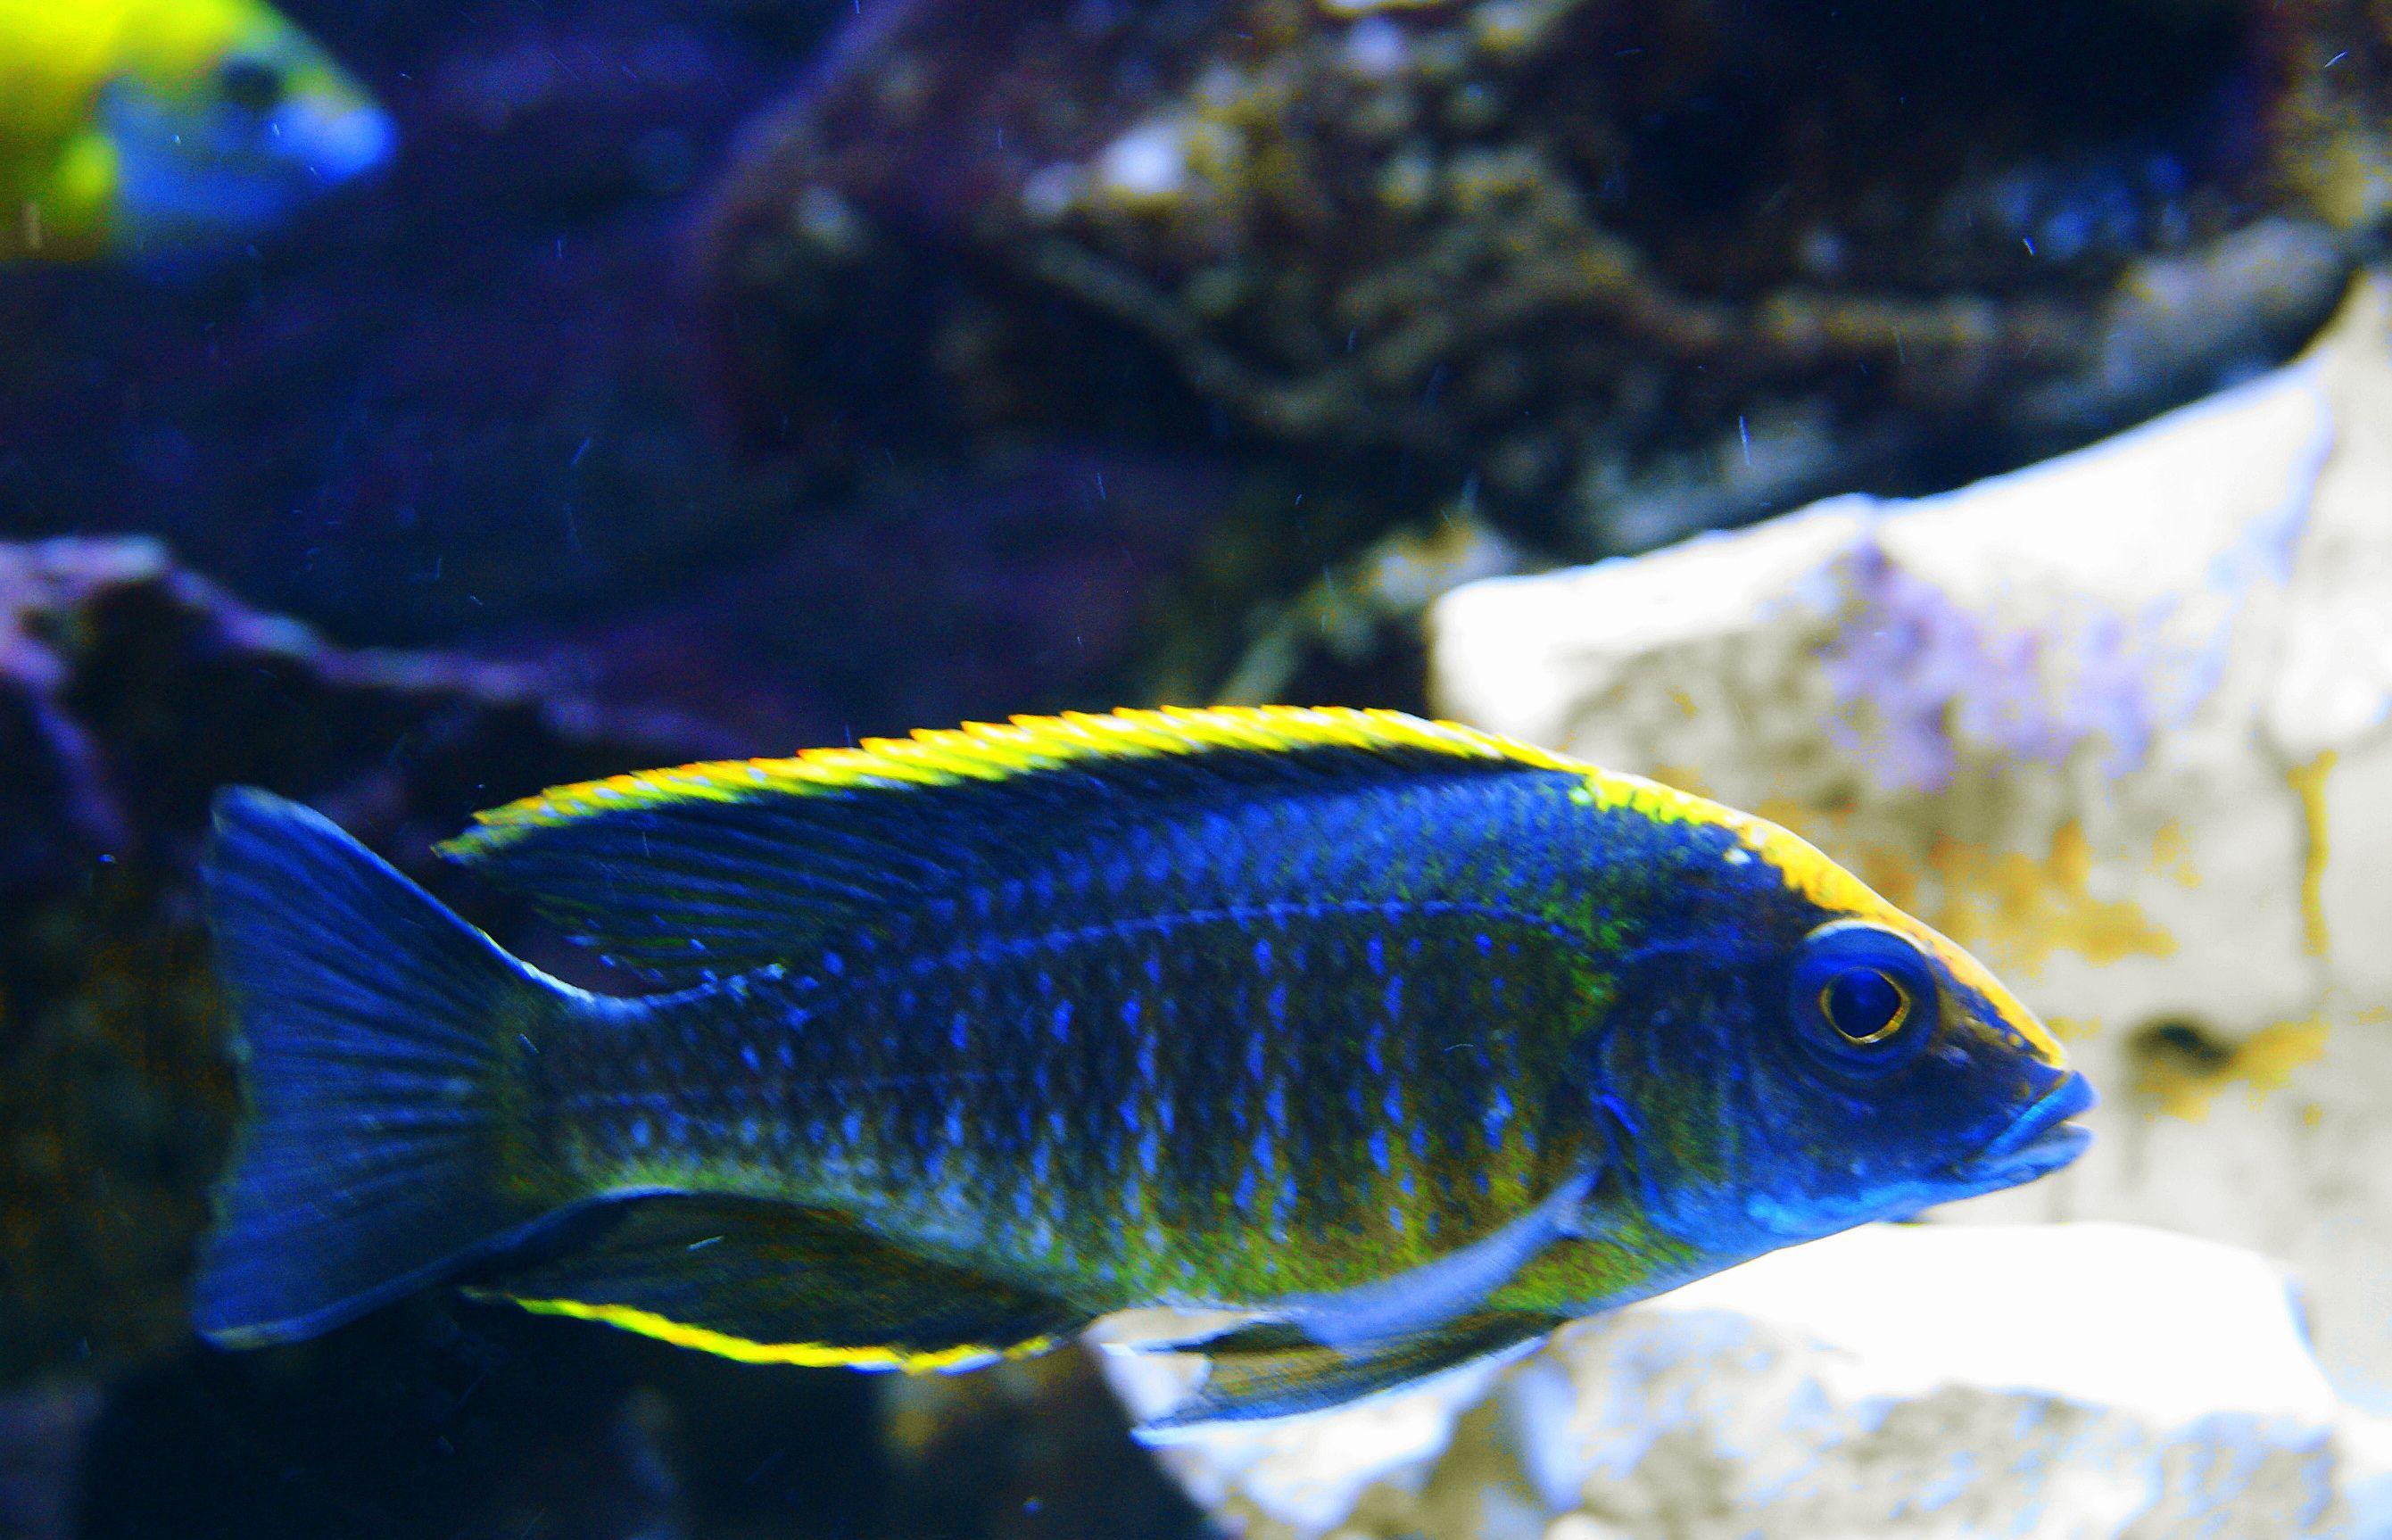 A Maylandi Sulfur Head Peacock African Cichlids Cichlids Tropical Fish Aquarium